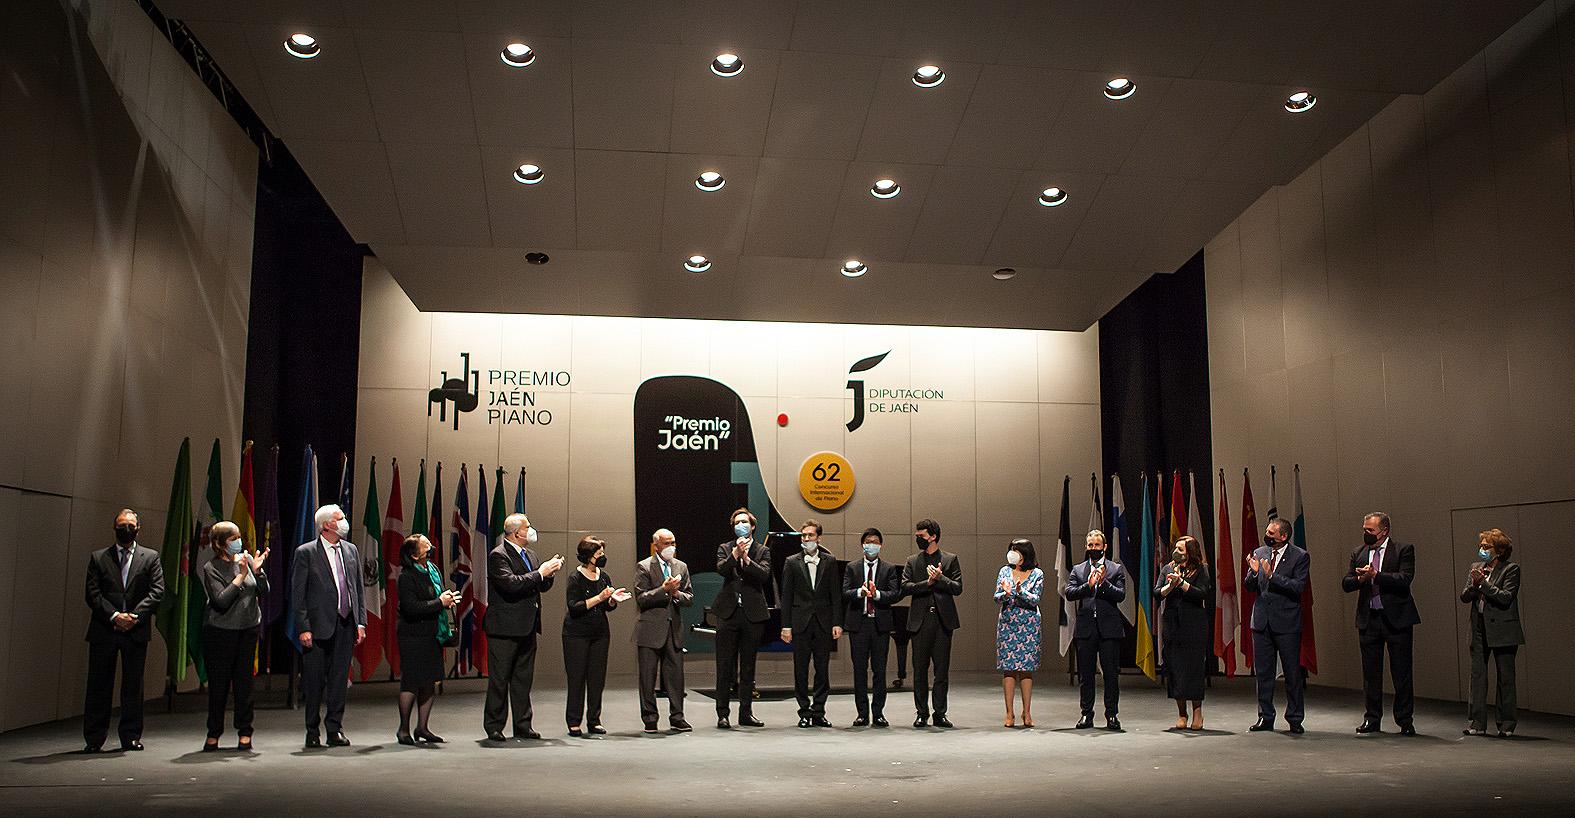 Los premiados con el jurado, autoridades y patrocinadores